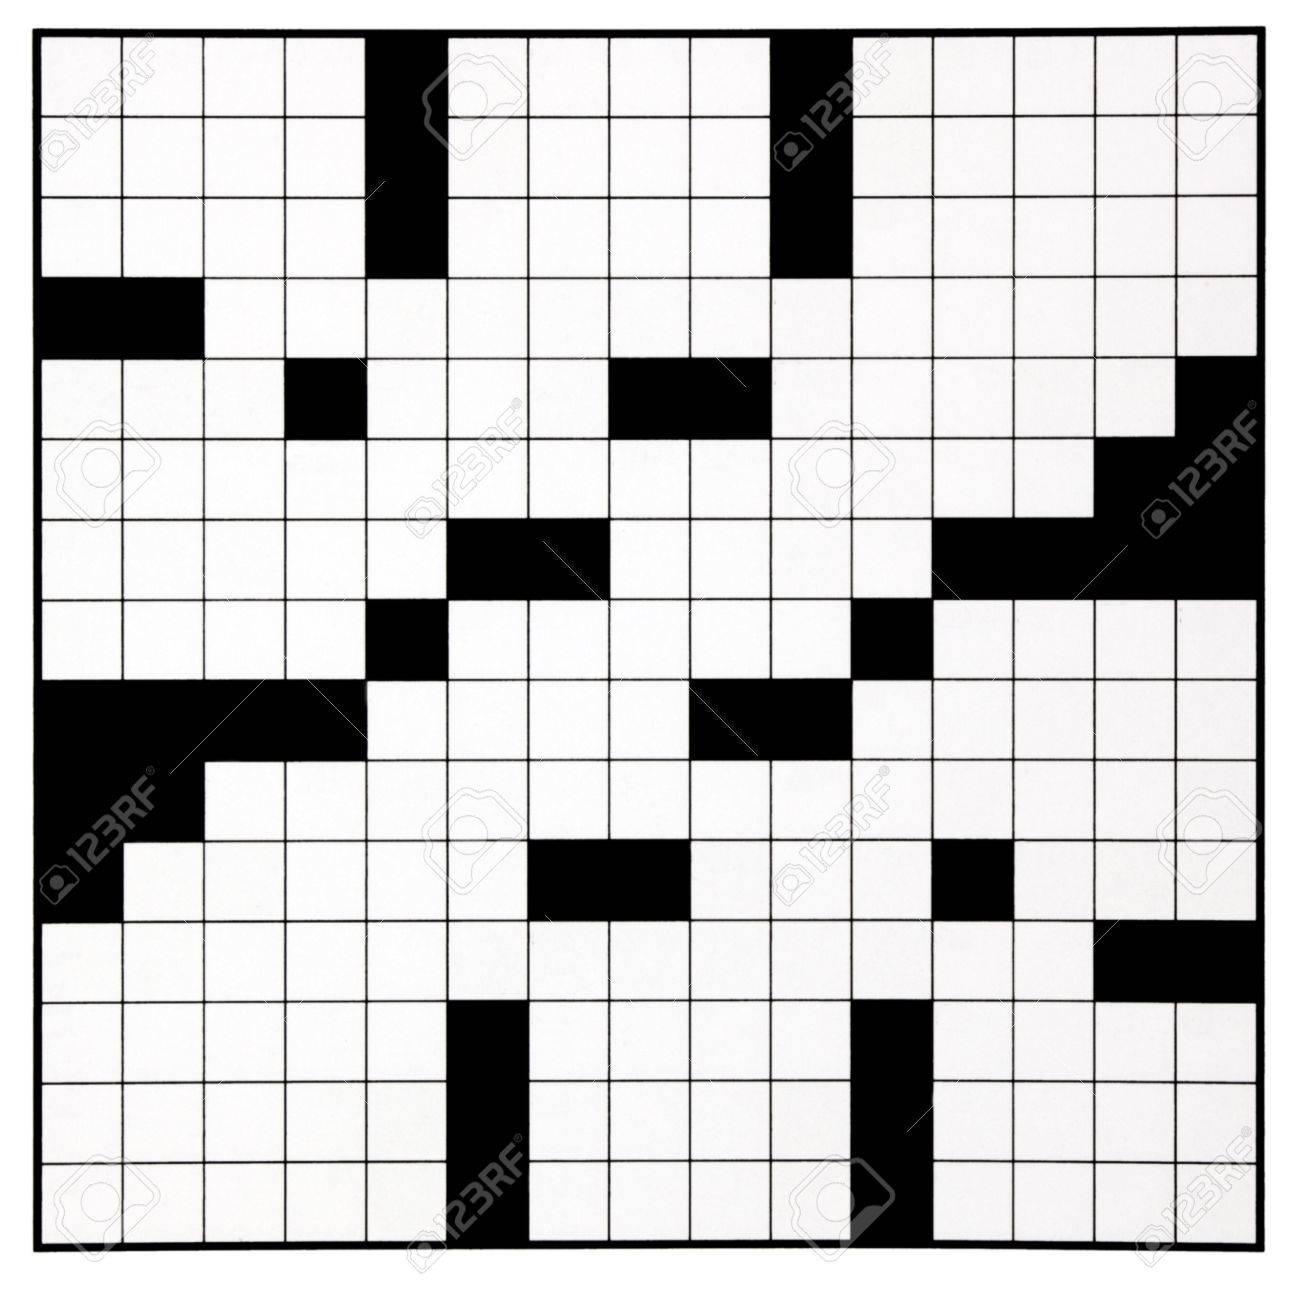 Blank Crossword Puzzle Grid - Karis.sticken.co - Printable Crossword Grid